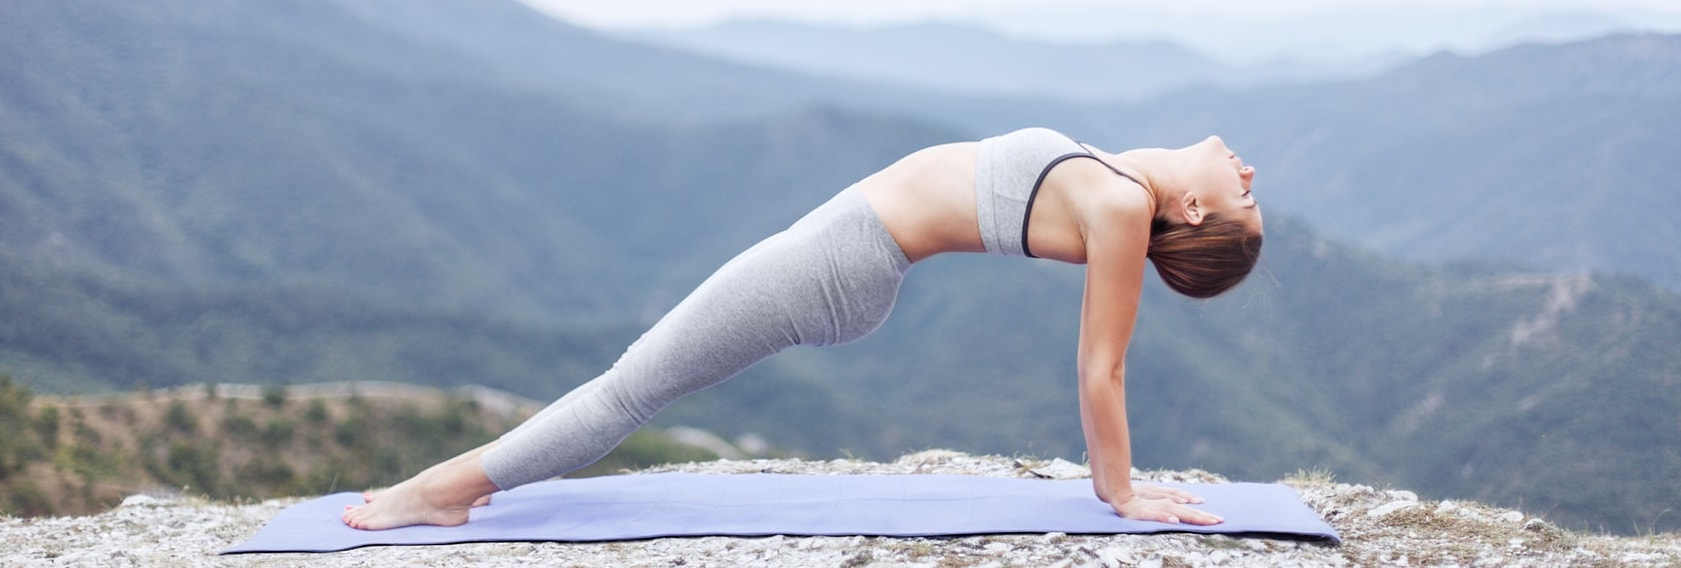 femme yoga sur une falaise